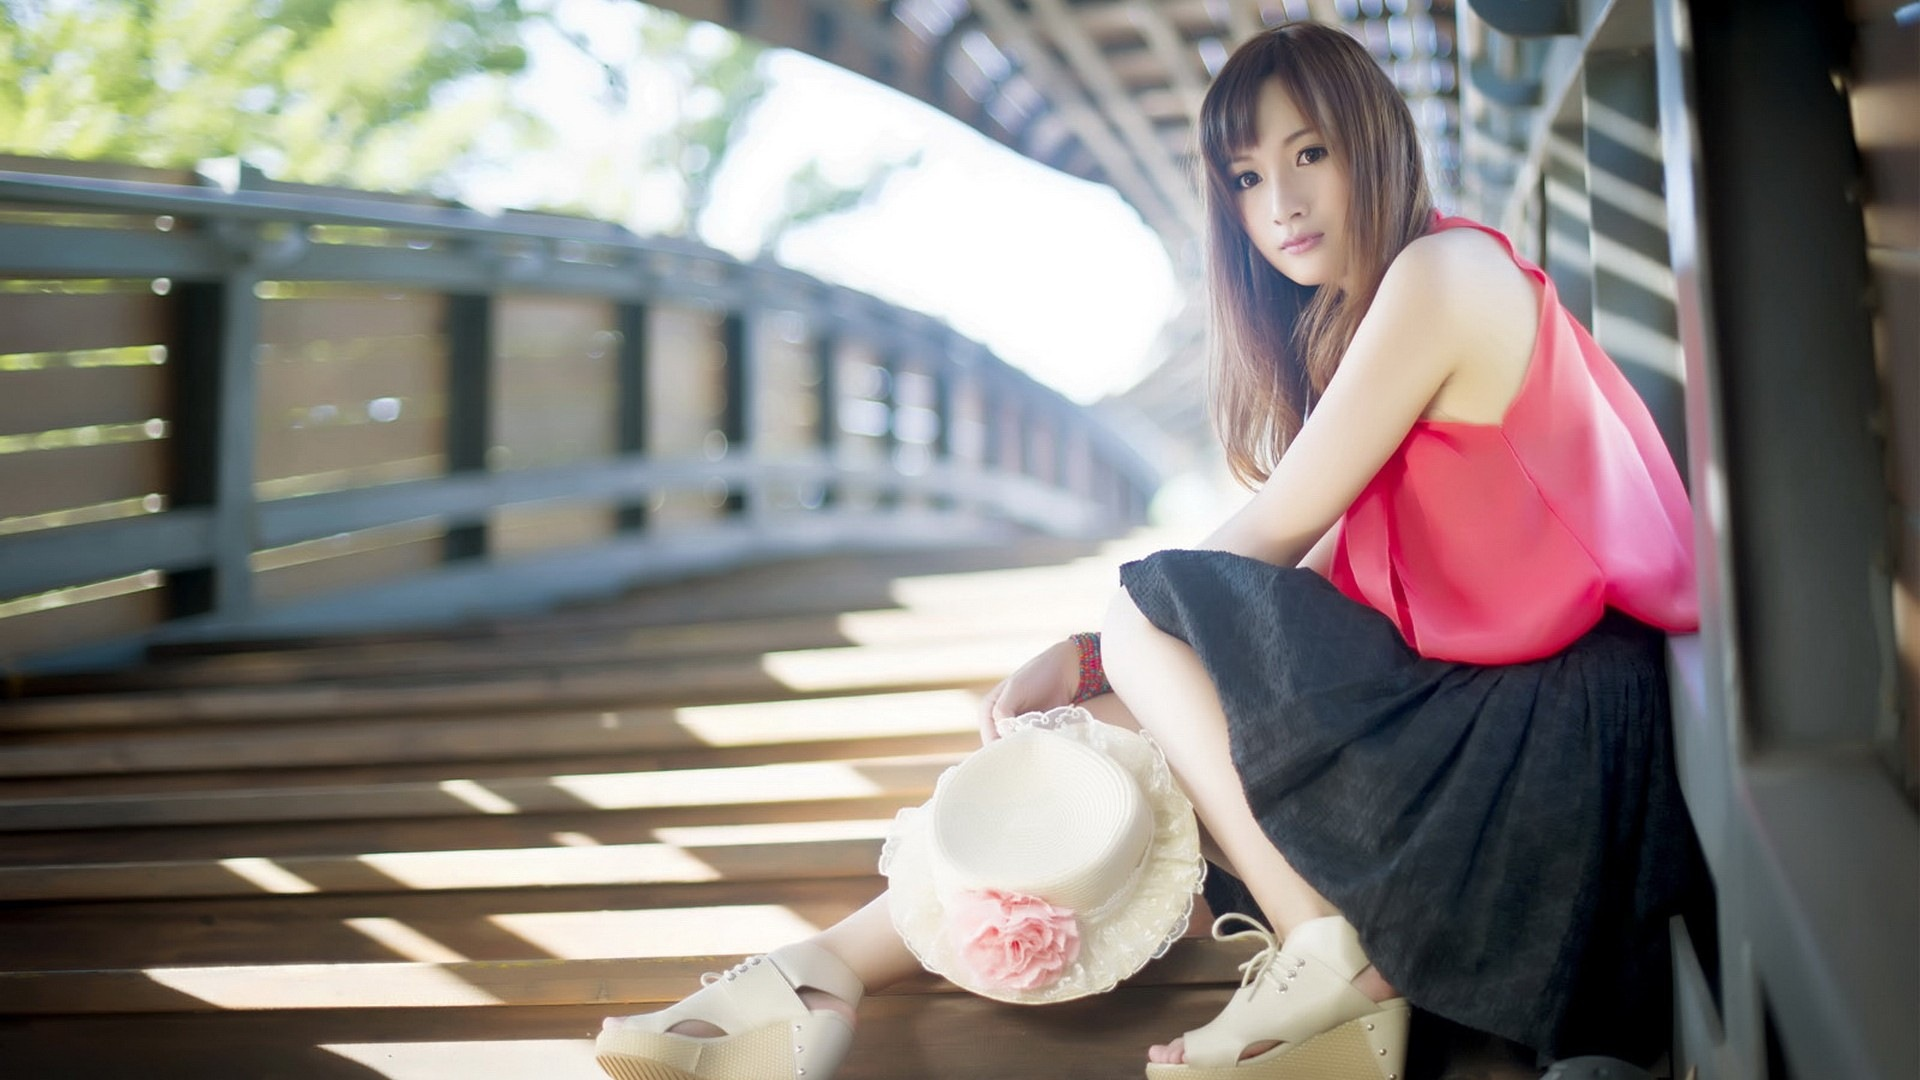 Фото hd японки